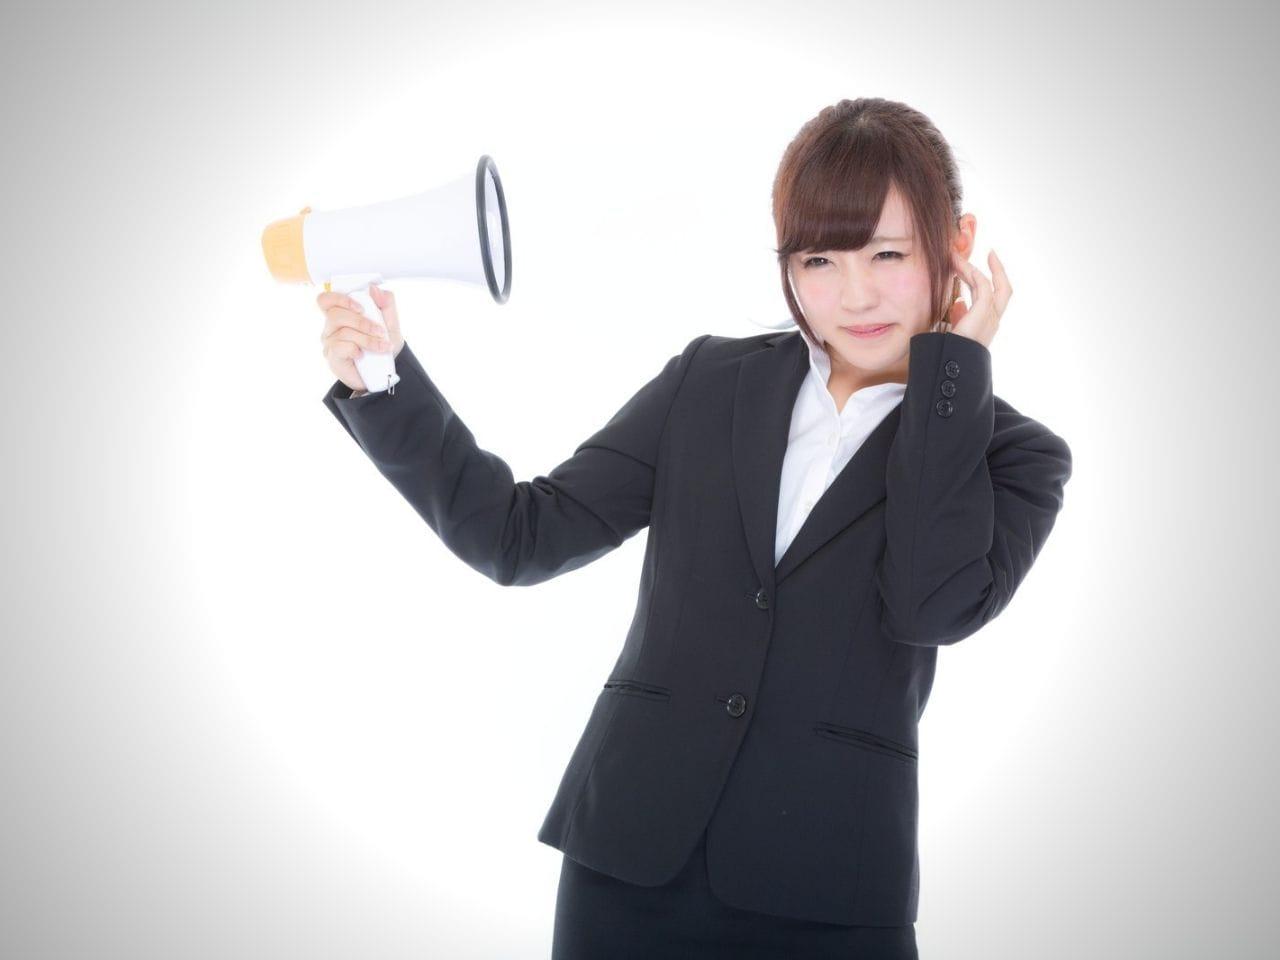 拡声器を持ってうるさそうにする女性